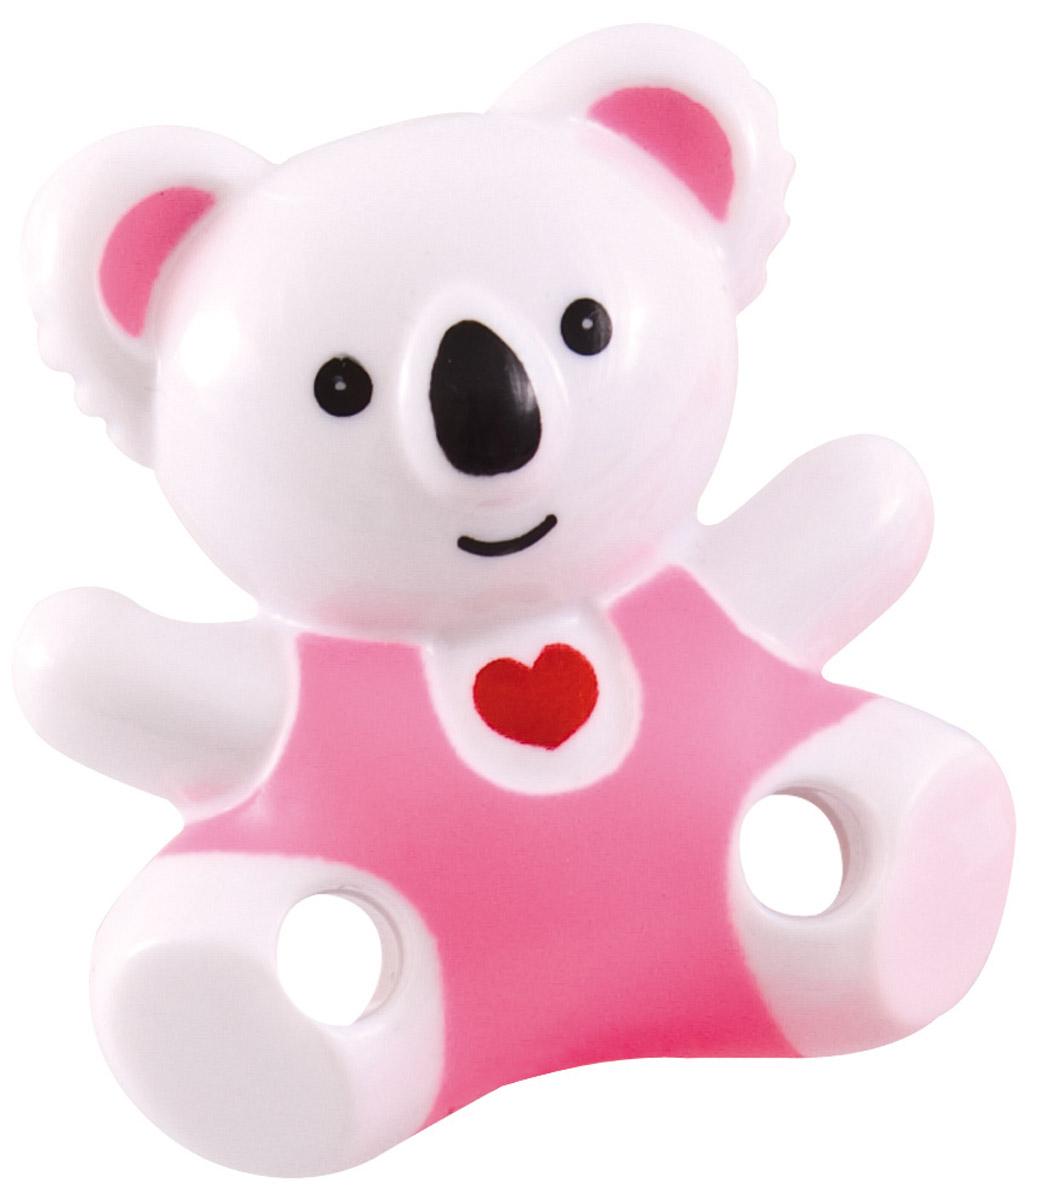 Canpol Babies Клипса-держатель для пустышки Медвежонок с сердечком цвет розовый -  Все для детского кормления